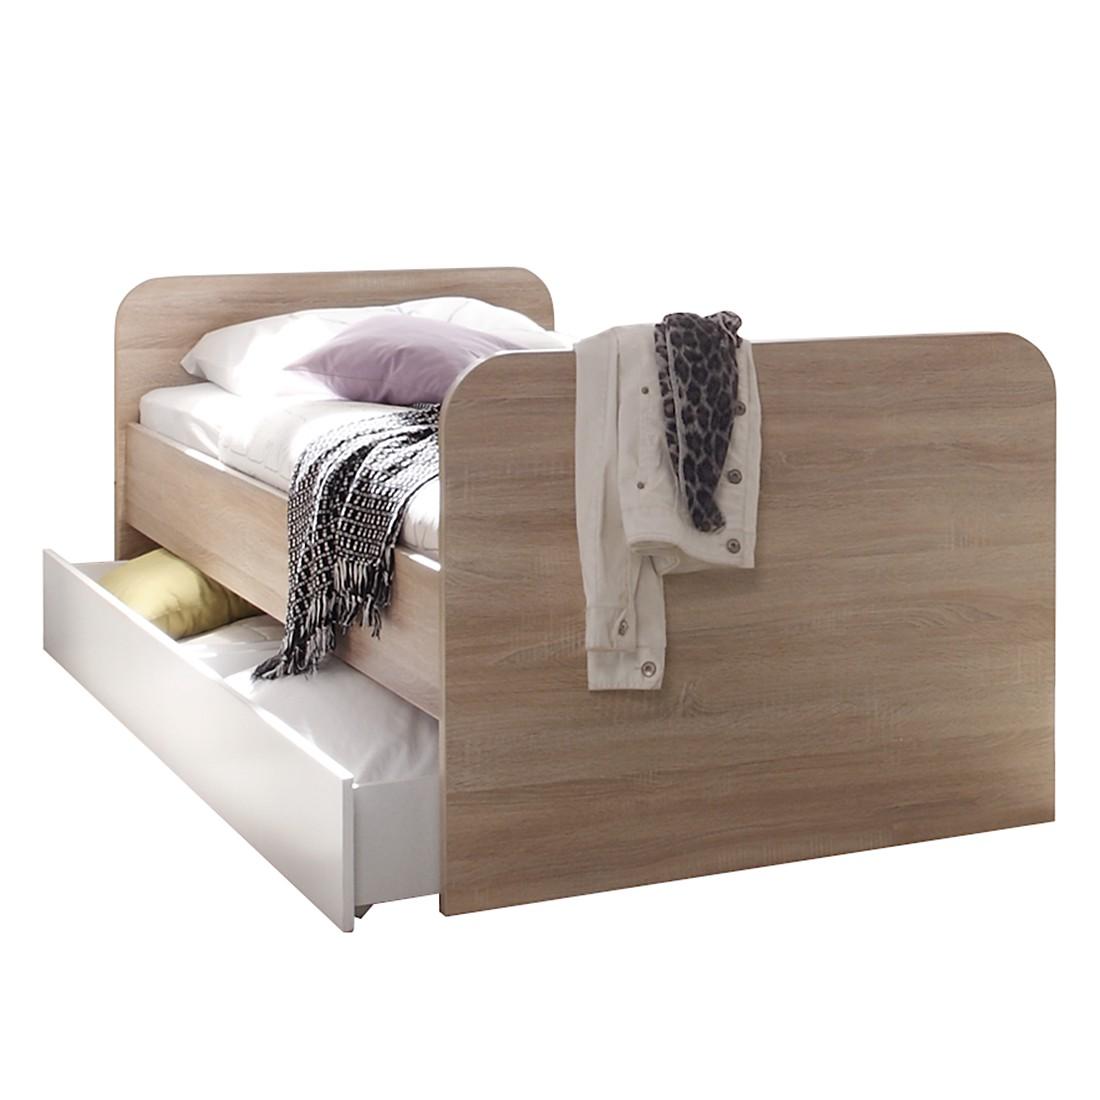 bett corner sonoma eiche wei mooved jetzt kaufen. Black Bedroom Furniture Sets. Home Design Ideas